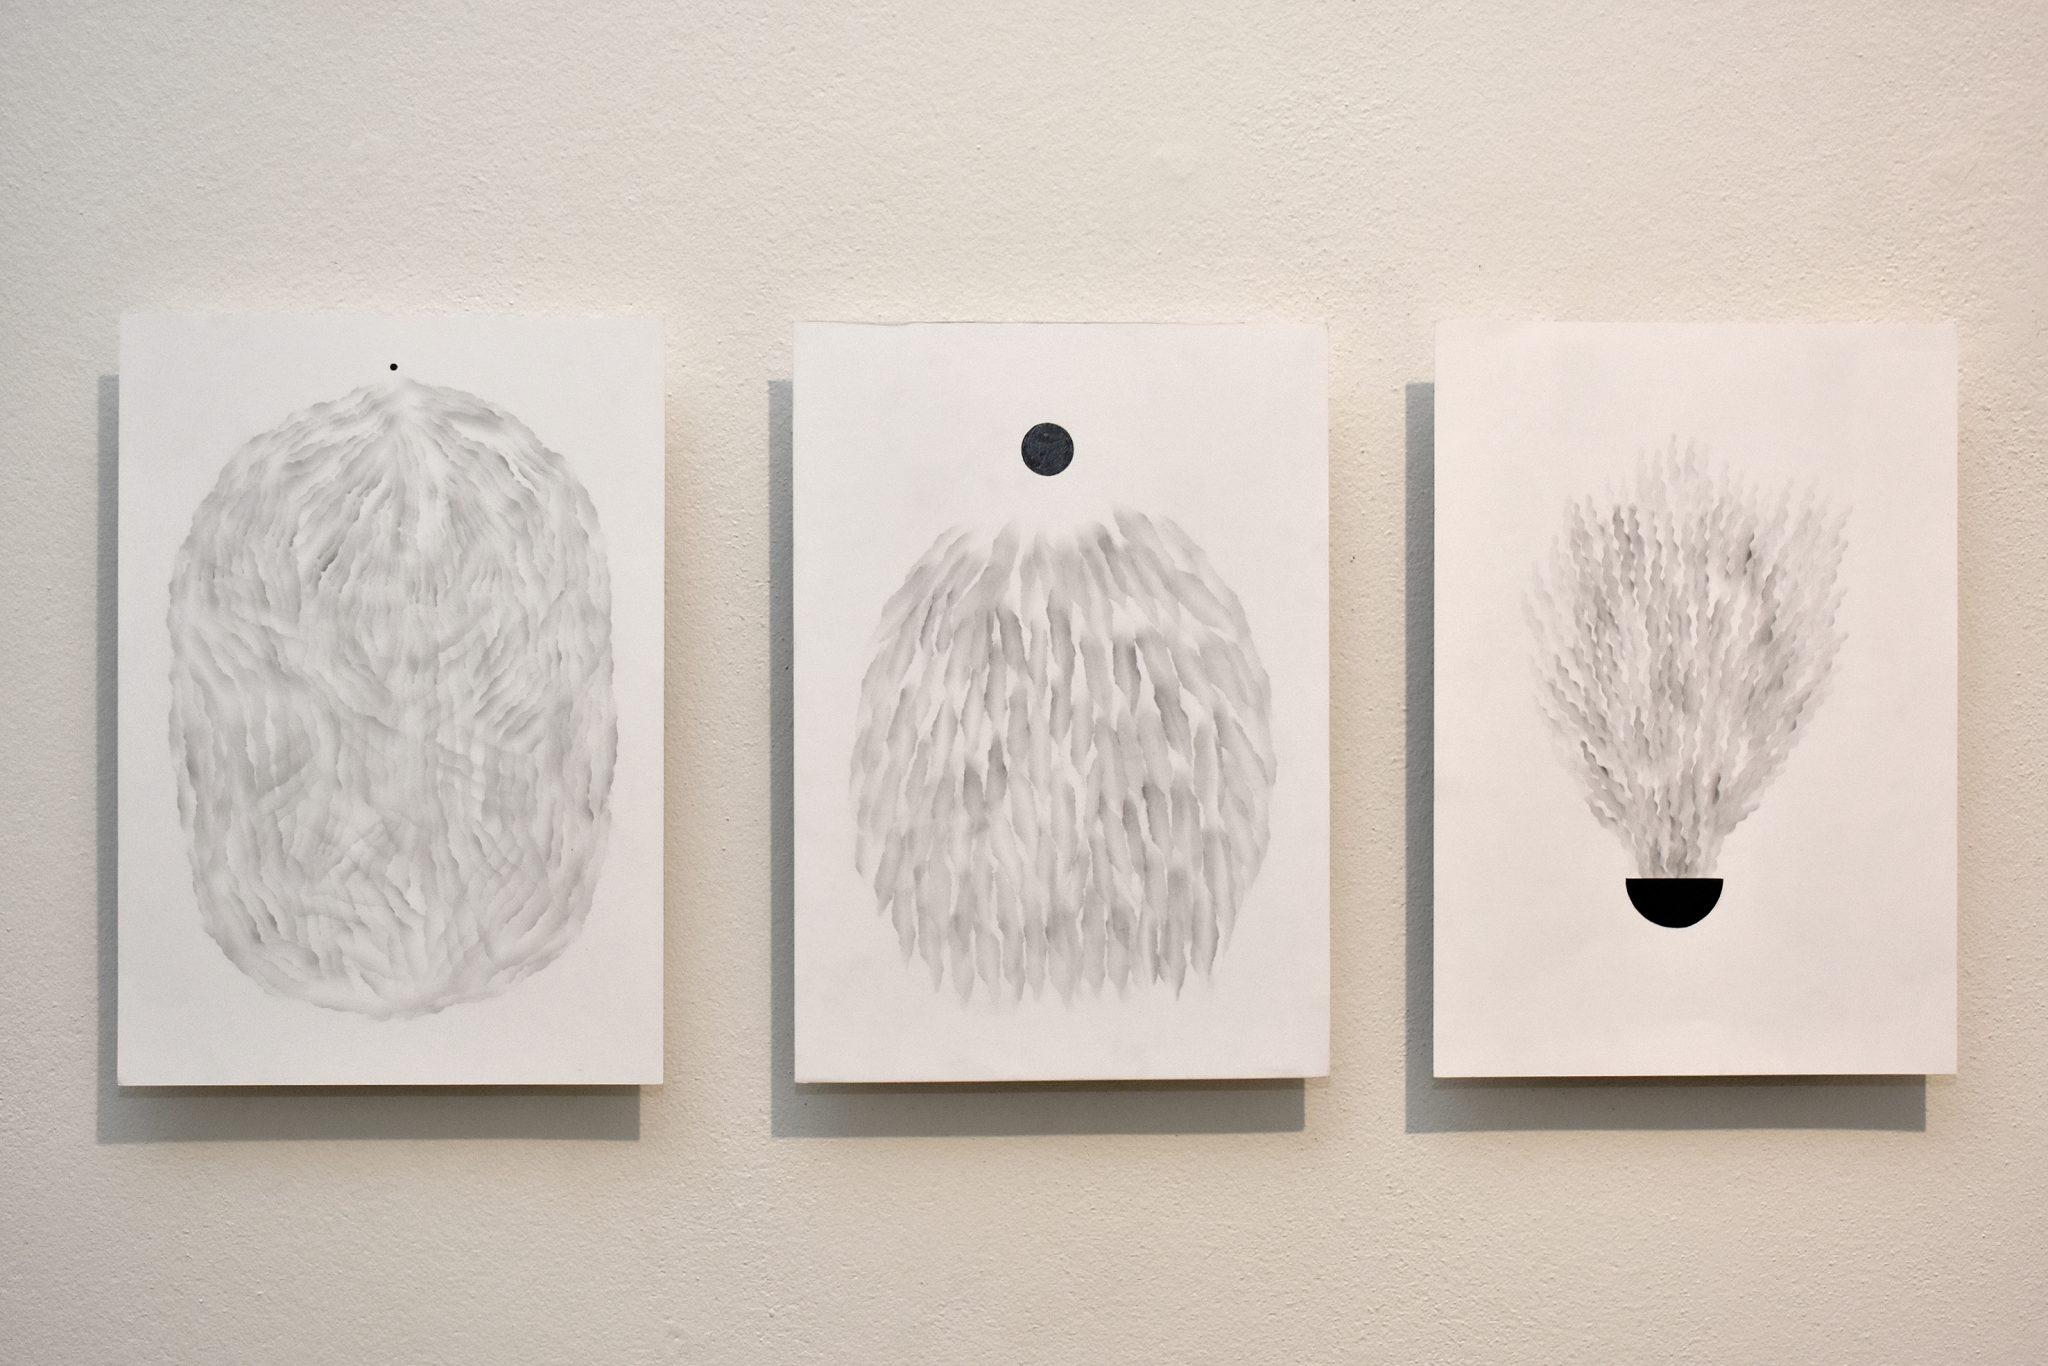 NÖ Waldviertel Galerie Kunst - Kateřina Dobroslava Drahošová